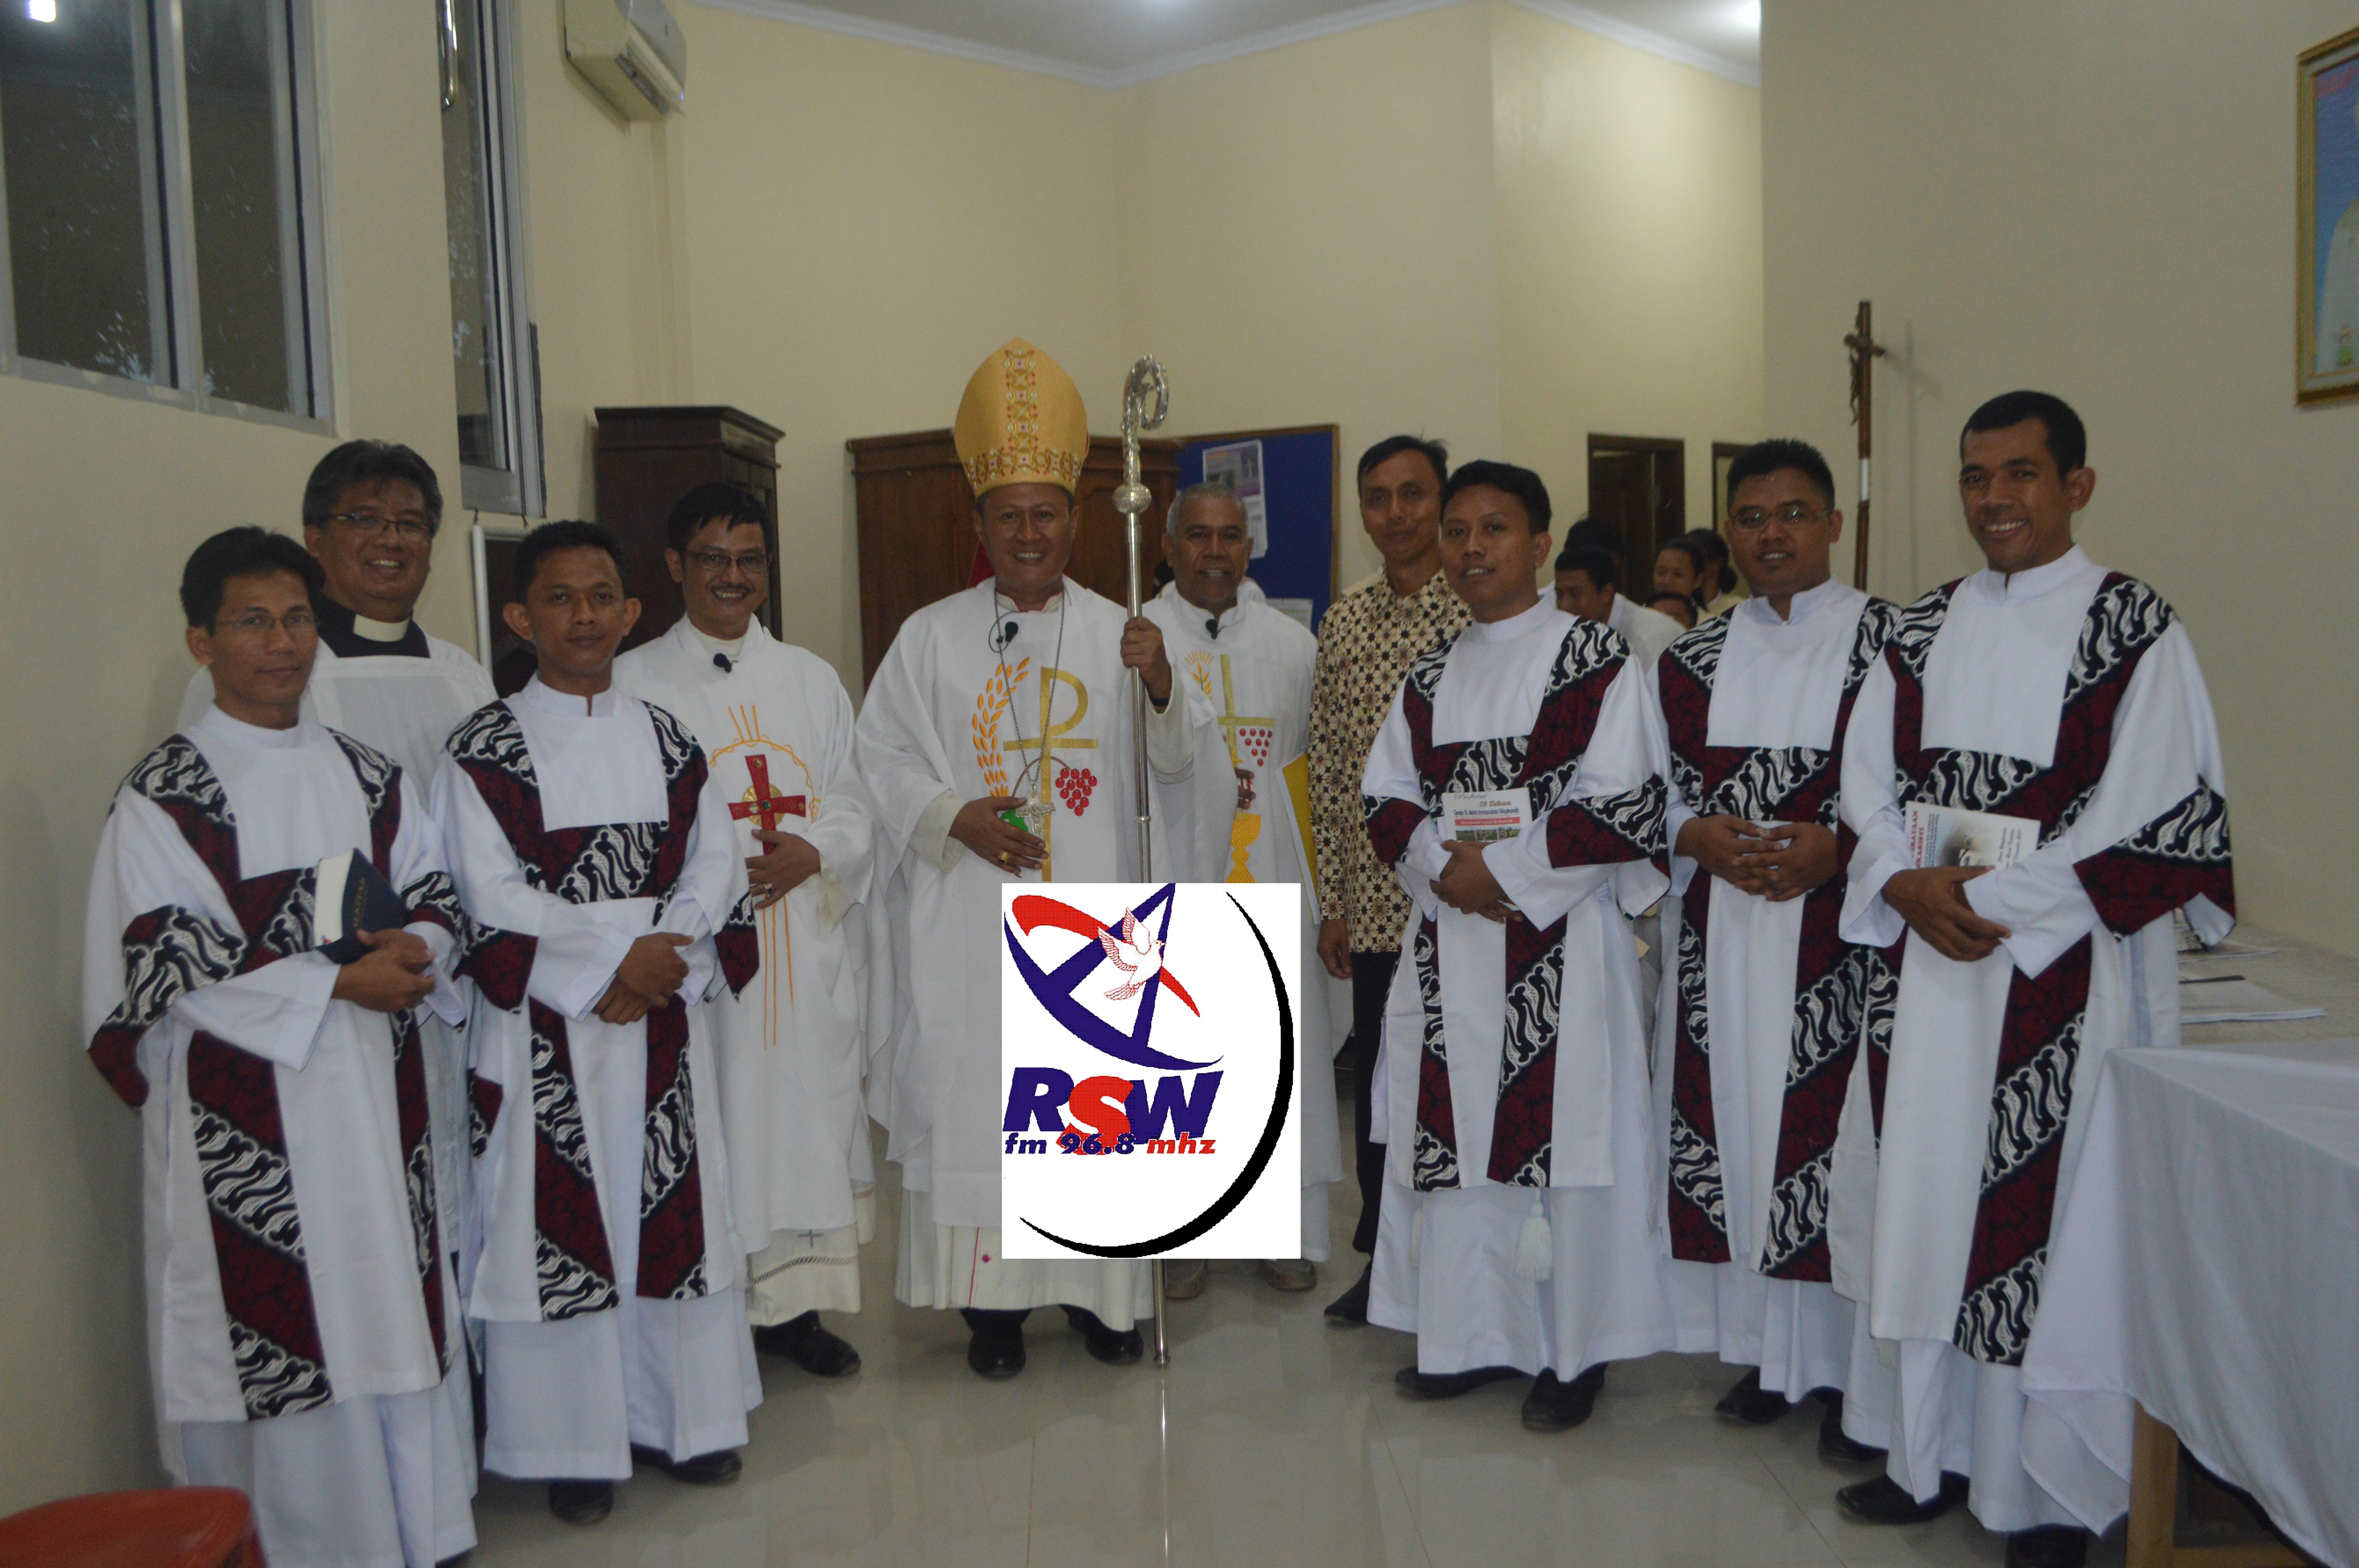 Mgr. Yohanes Harun Yuwono, Uskup Keuskupan Tanjungkarang bersama lima diakon yang ditahbis, di Gereja Katolik Stasi St. Maria Immaculata, Waykandis, Bandar Lampung, Jumat 08 Desember 2017.